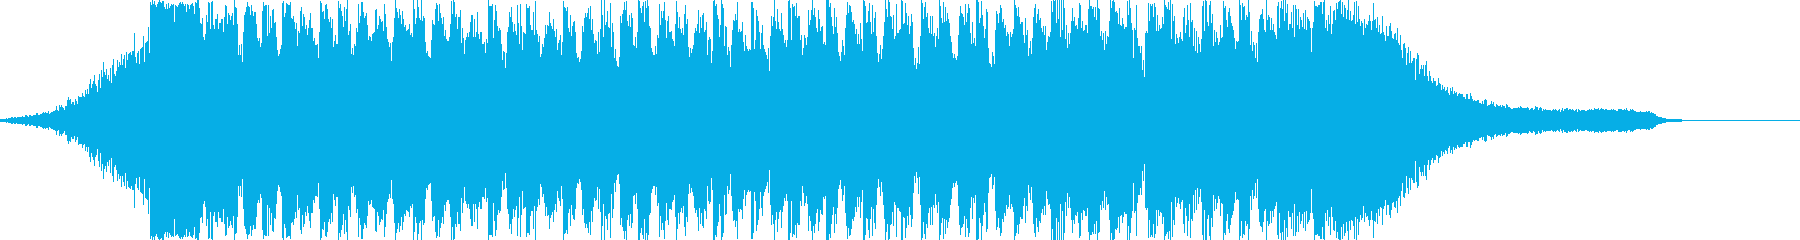 企業VP向け、爽やかポップ4つ打ち8-3の再生済みの波形